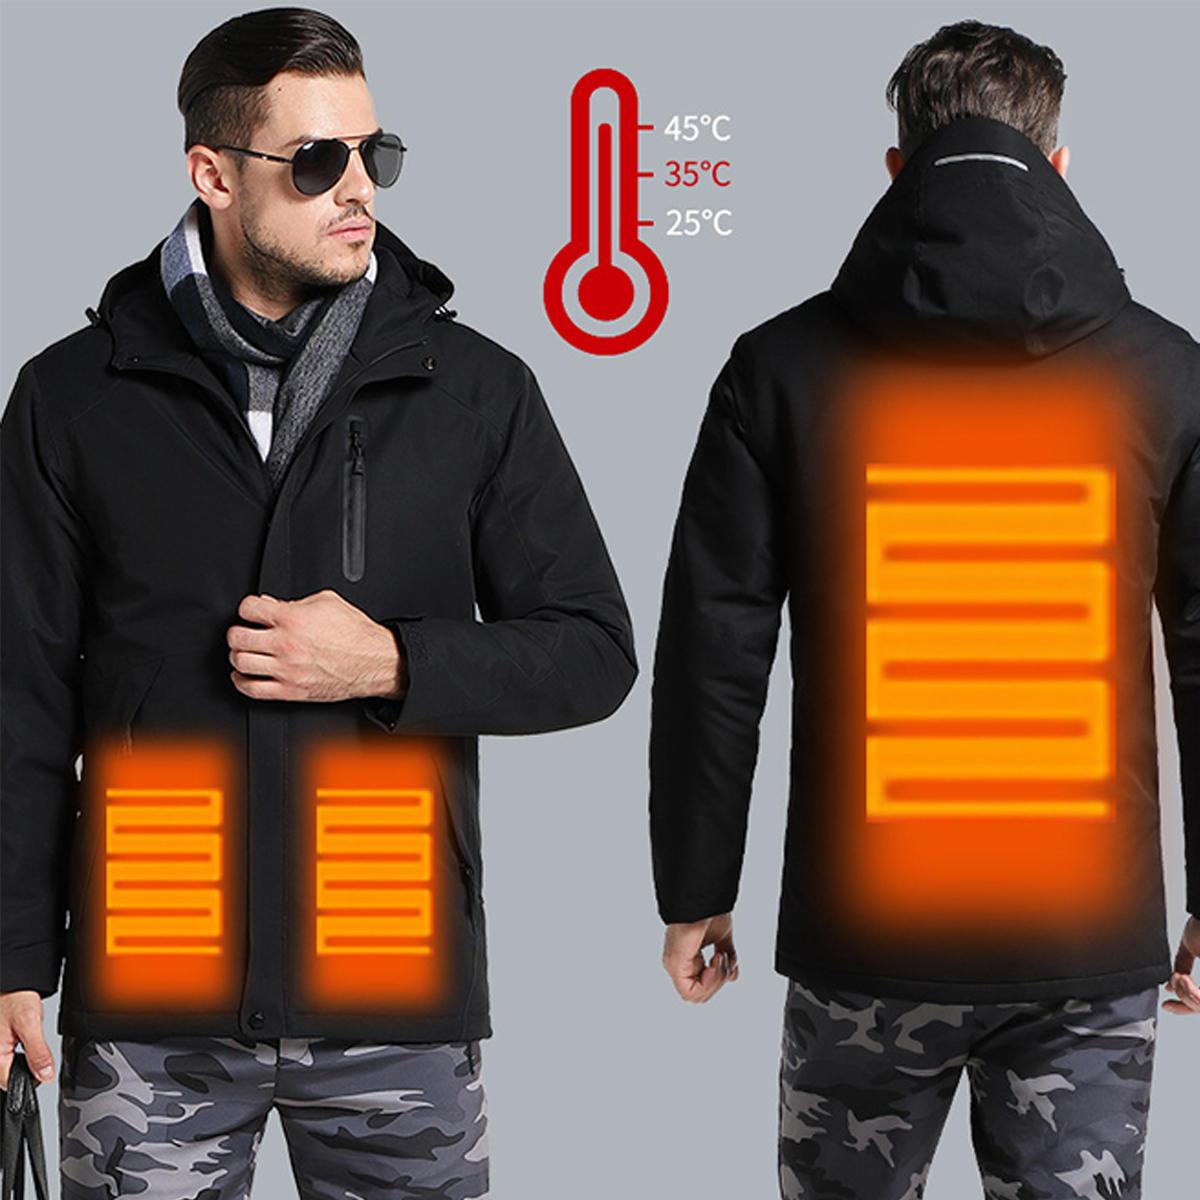 Cappotto di guida di corsa con gli sci del motociclo del lavoro incappucciato di riscaldamento intelligente di USB della donna dell'uomo